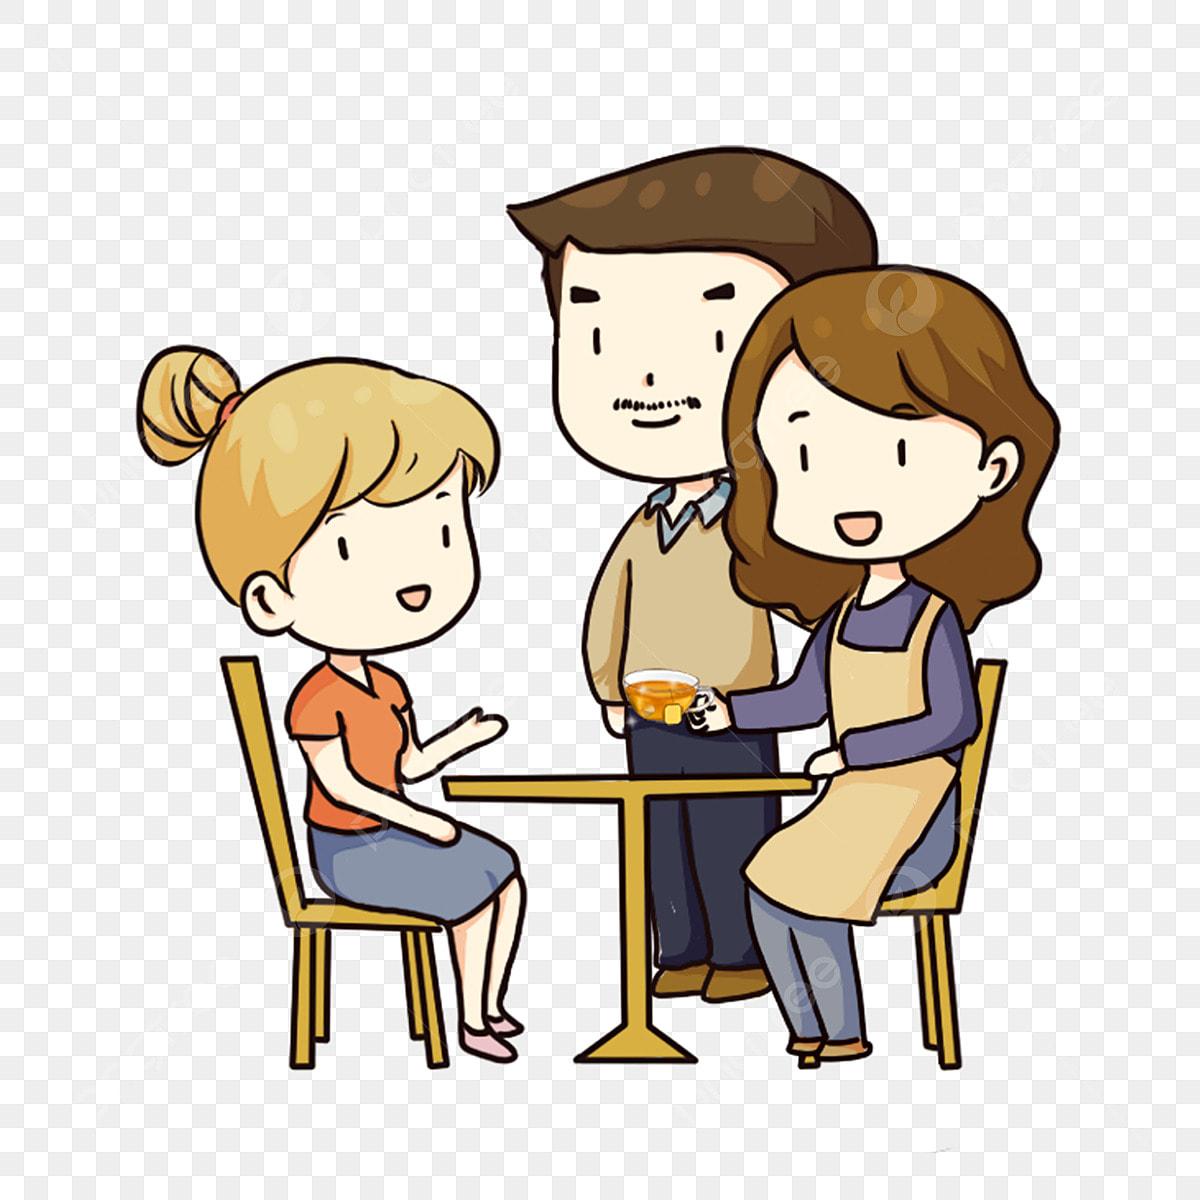 Gambar Tangan Ditarik Kartun Keluarga Berbual Anak Perempuan Akan Pulang Untuk Mengunjungi Ibu Bapa Menghormati Orang Tua Keluarga Perhimpunan Reka Bentuk Watak Kartun Comel Menghormati Orang Tua Png Dan Psd Untuk Muat